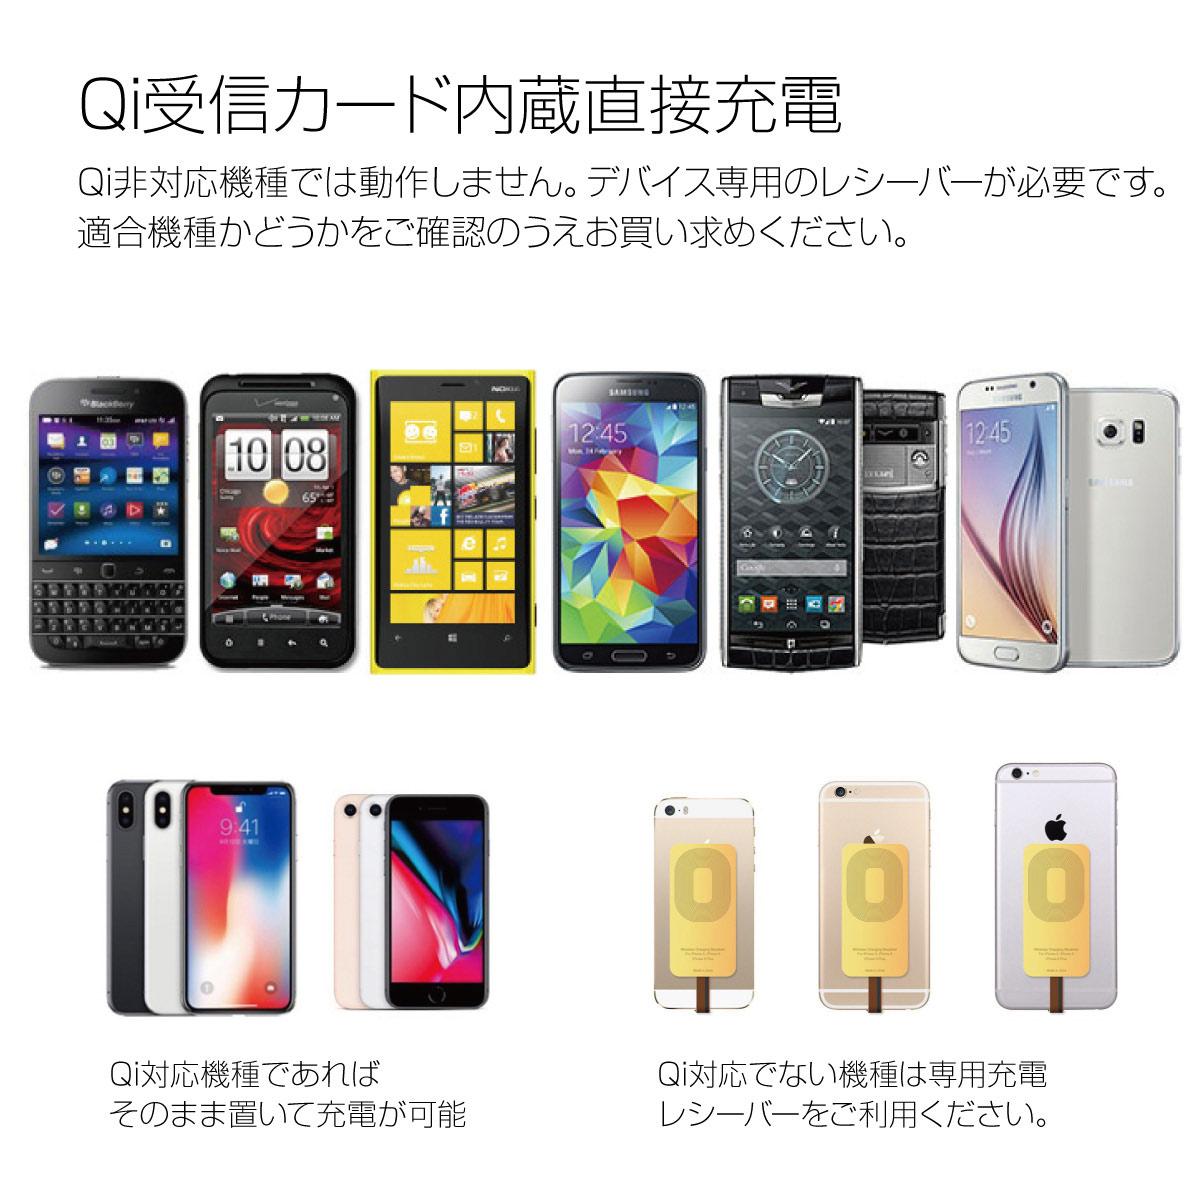 ワイヤレス充電器 ワイヤレス 充電器 プレートタイプ iPhone8 iPhone8 Plus iPhoneX Qi Galaxy note8 s8 s7 wi-cha-pad